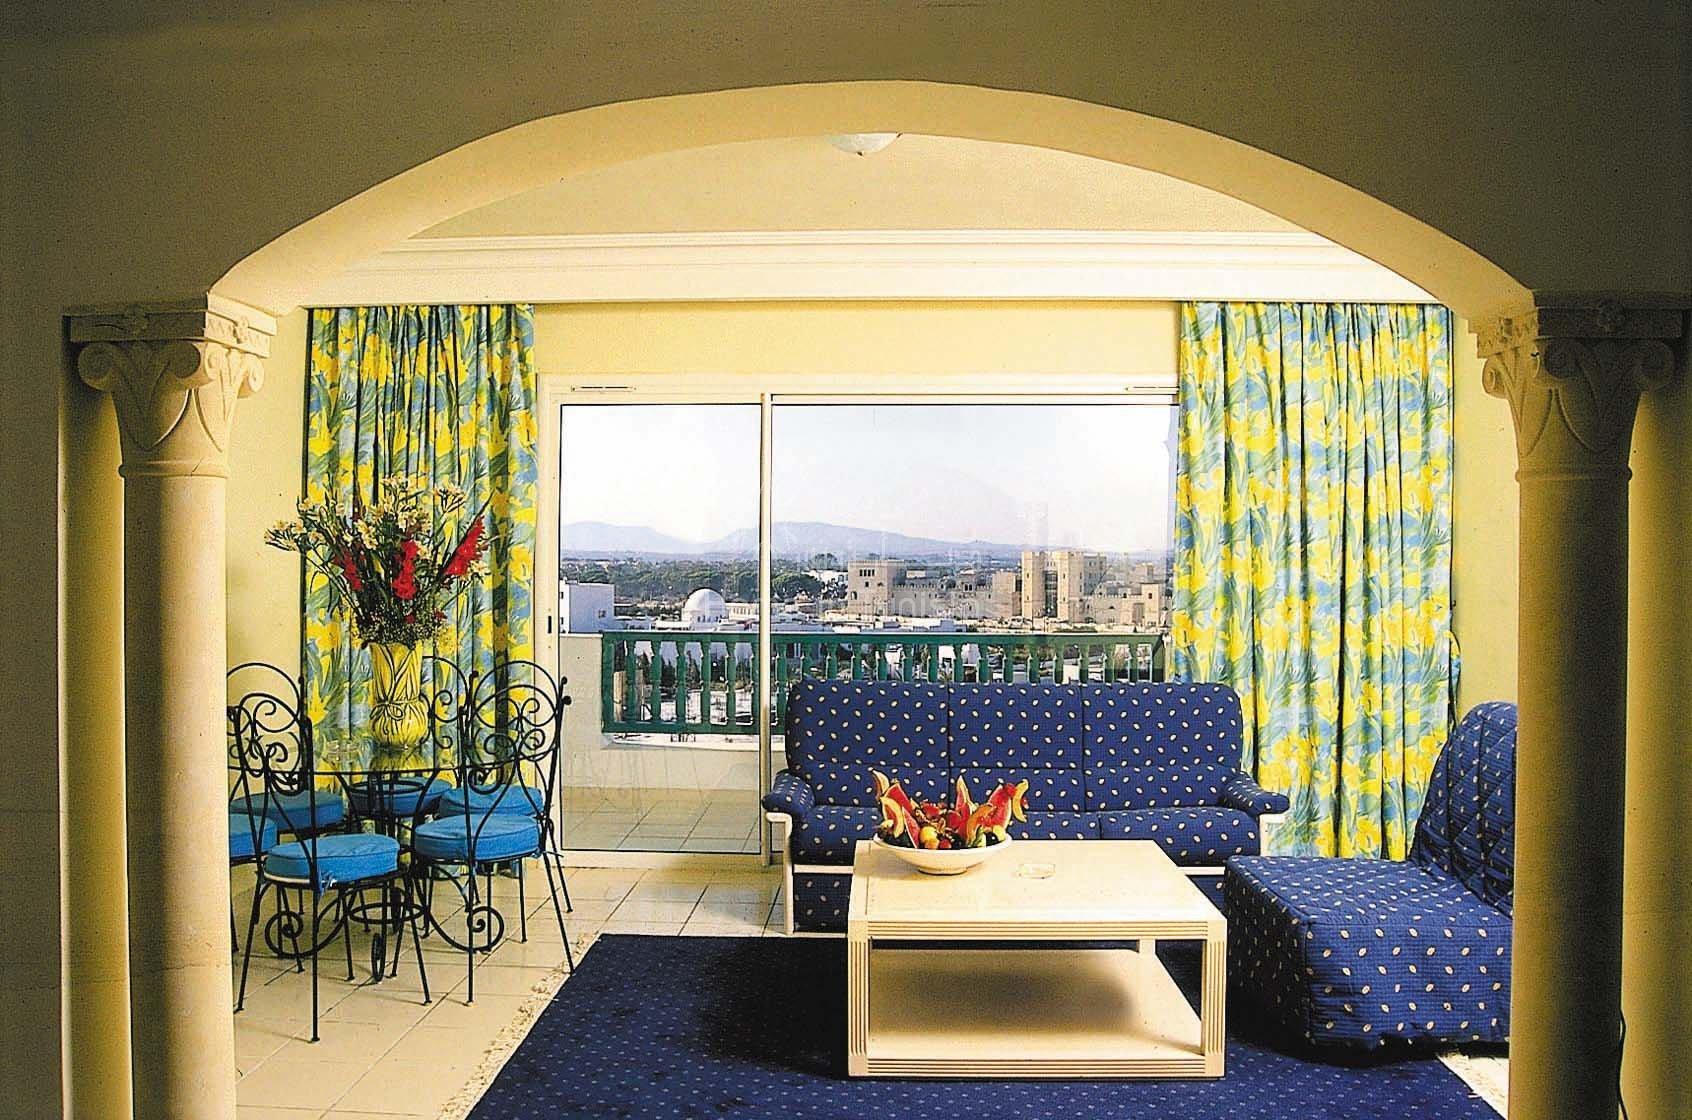 Appartement S+1 de 77 m2 meublé équipé vue jardin piscine medina immeuble bord de mer